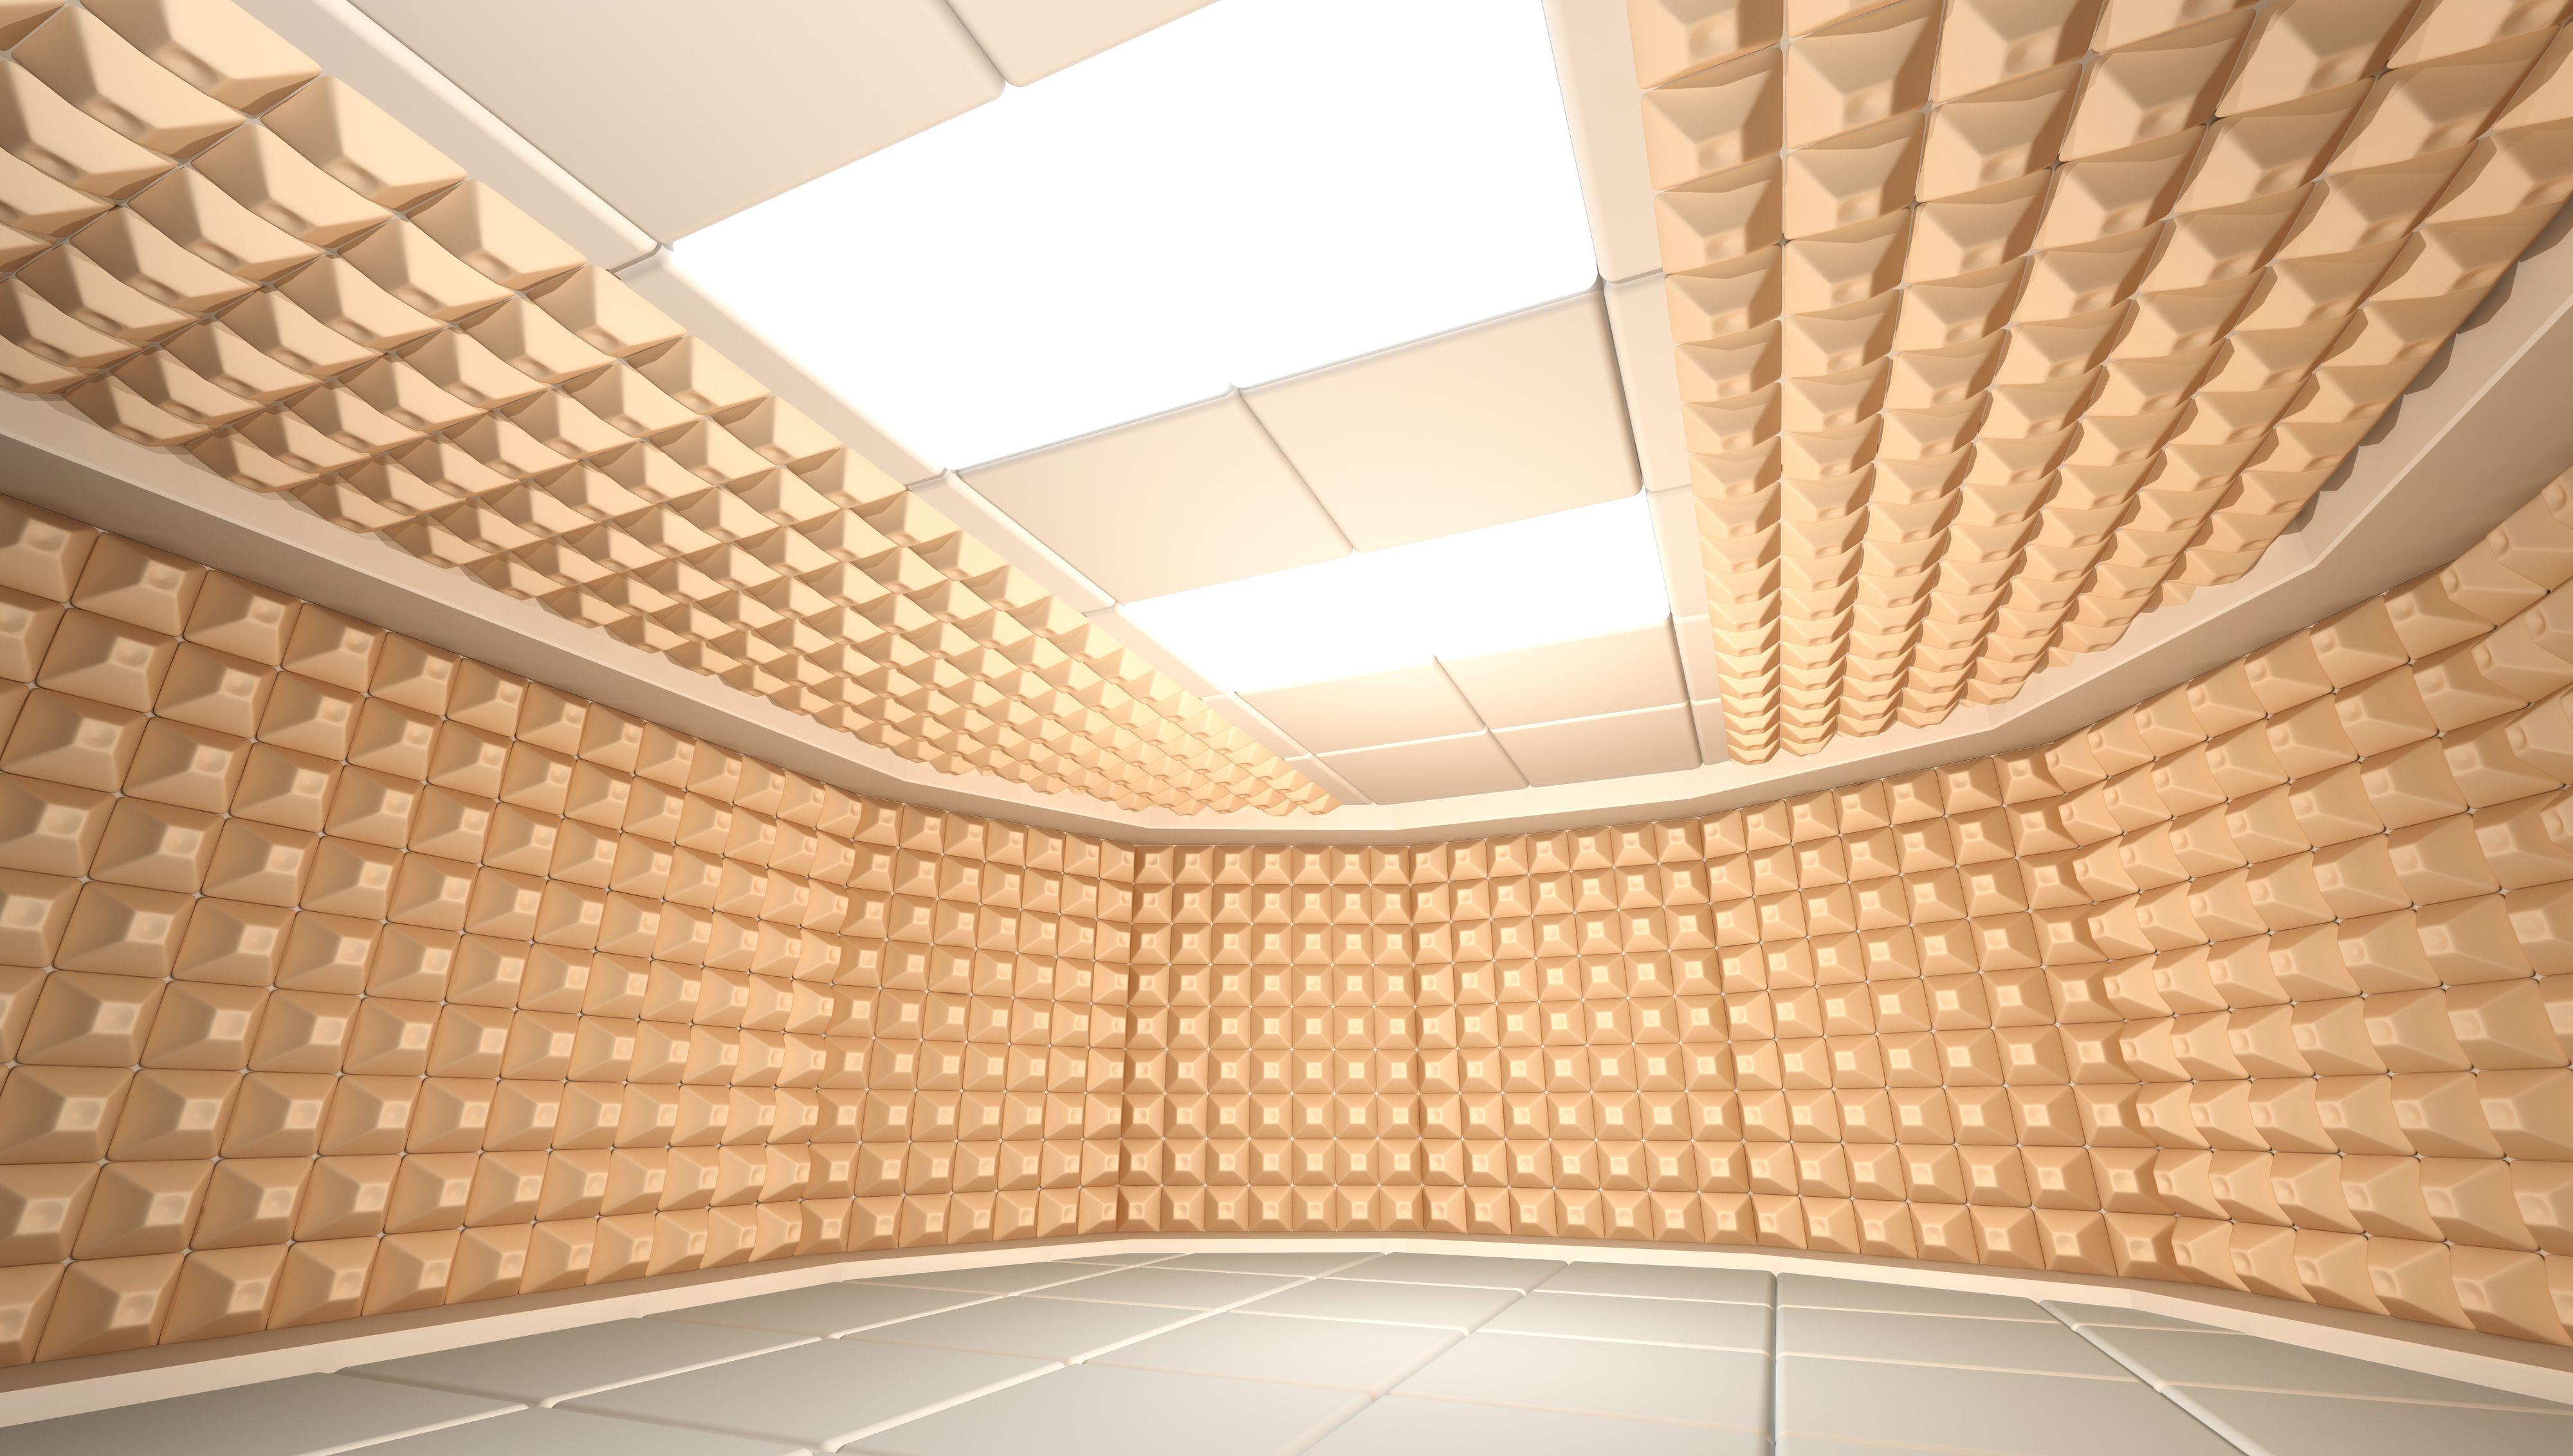 Kanskje ikke en hjemmekino, men her snakker vi ganske ekstrem behandling av veggene.Foto: Shutterstock